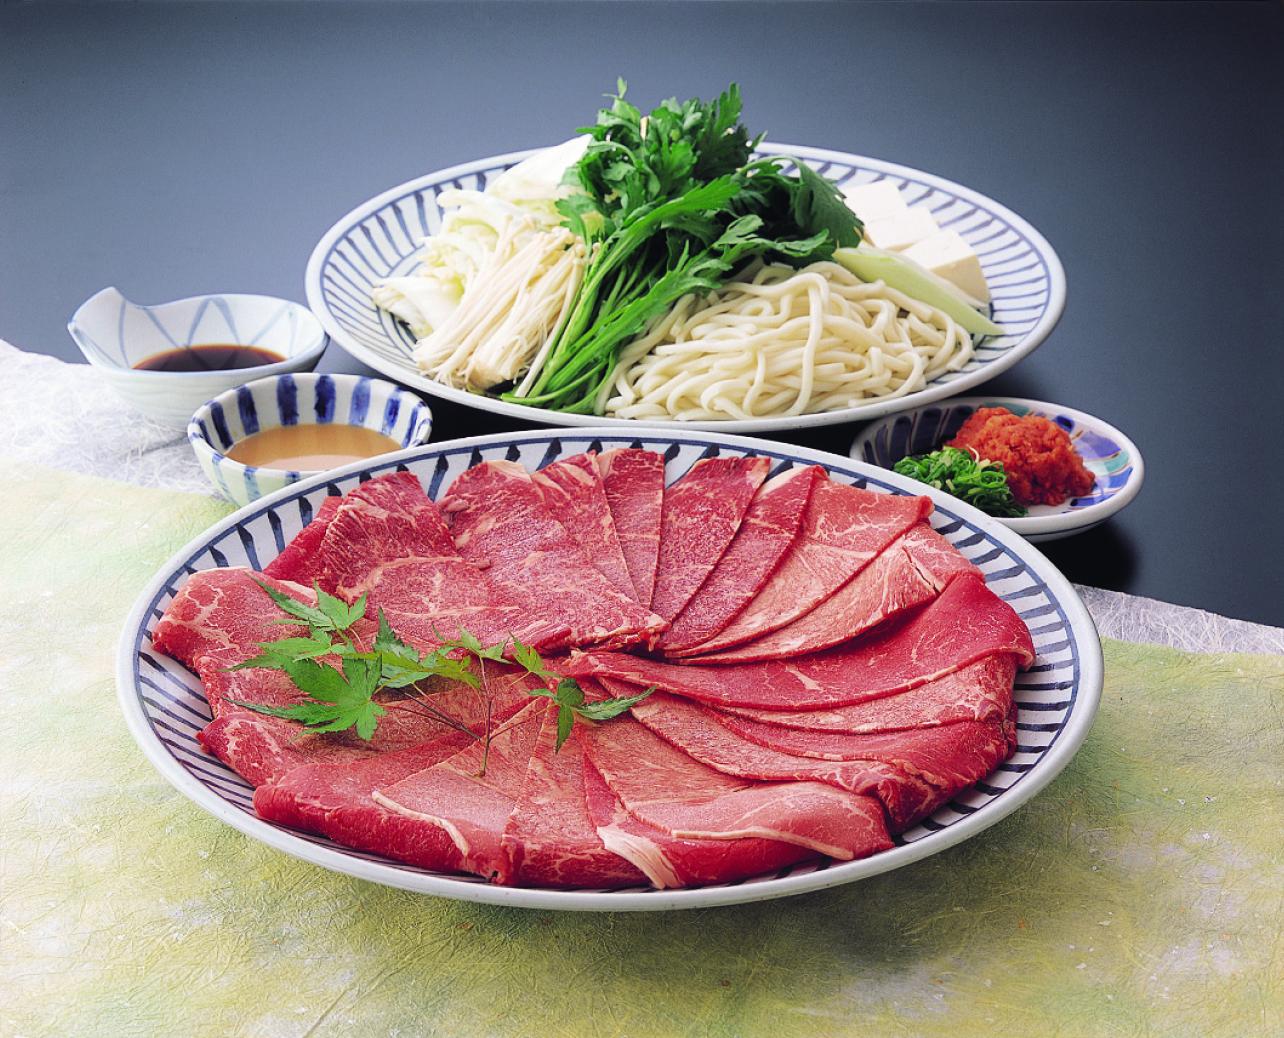 しゃぶしゃぶすき焼き食べ放題¥2,840